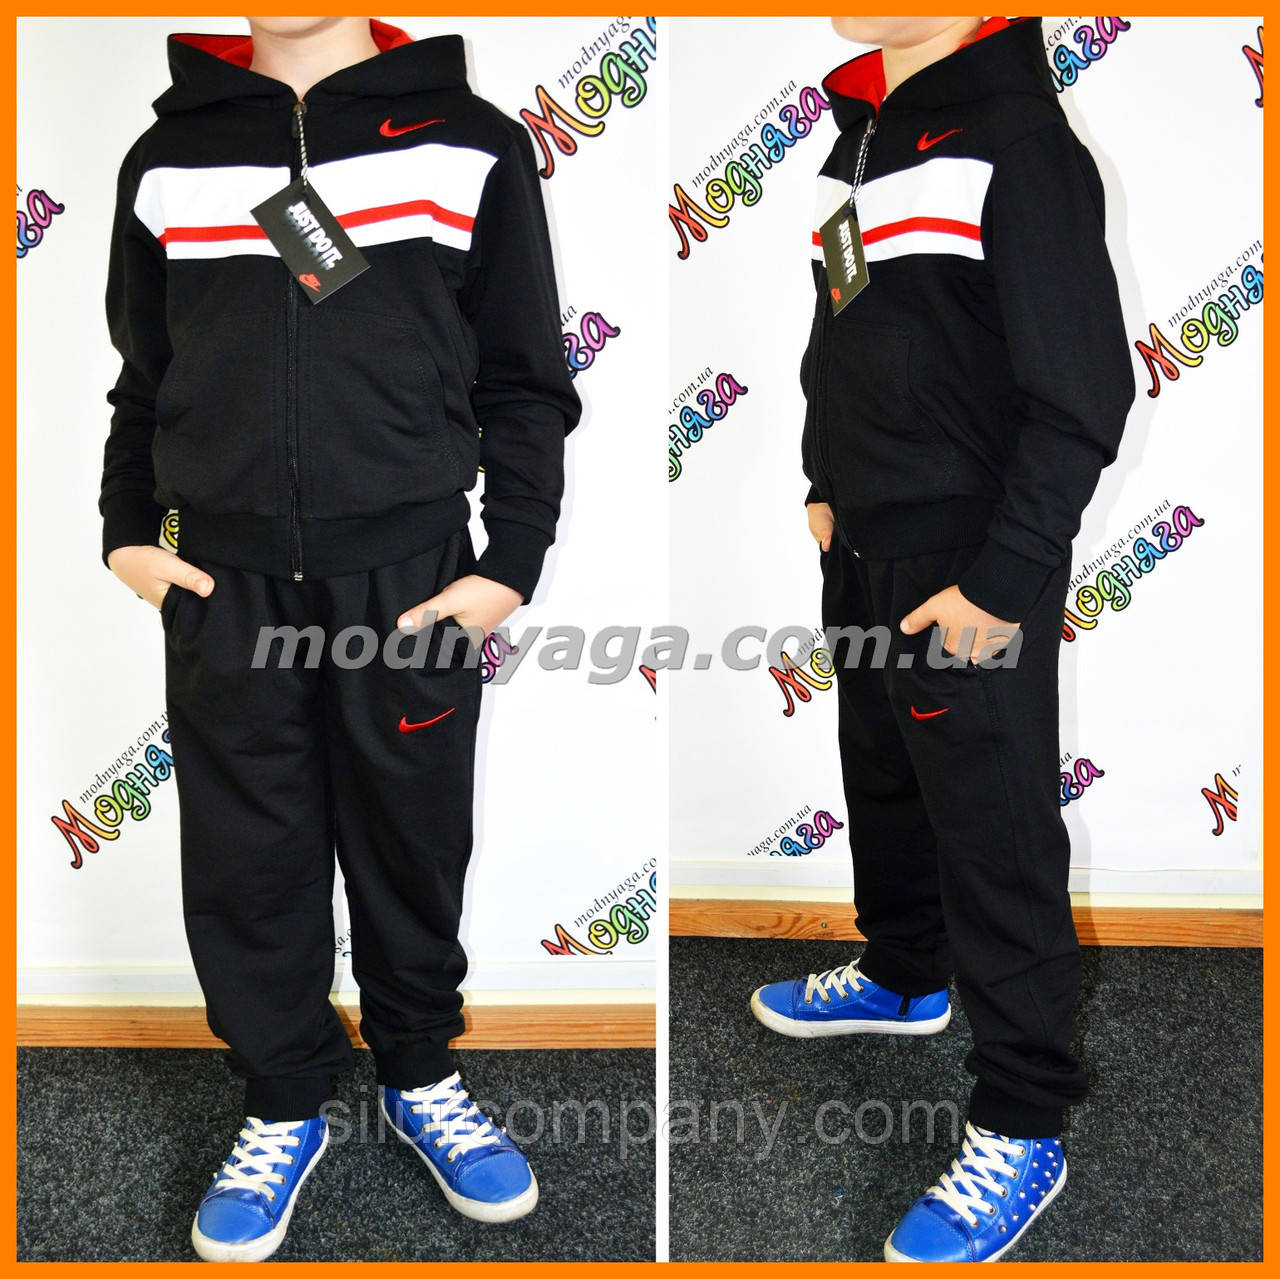 0acc5c73effb Детская одежда харьков   Спортивные костюмы - Интернет магазин